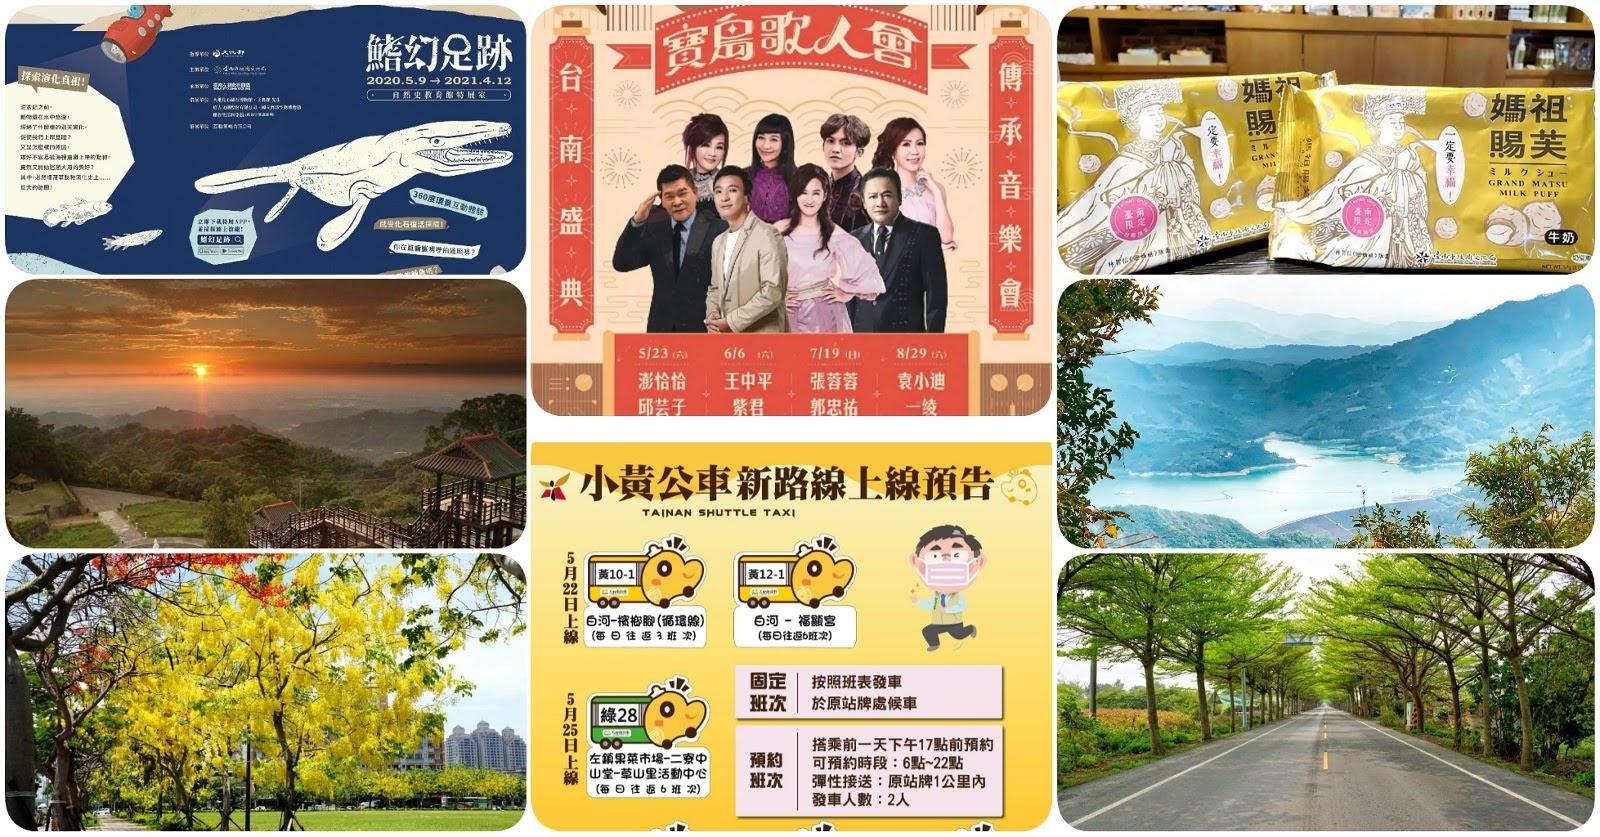 [活動] 2020 5/22-/5/24 台南週末活動整理|本週資訊數:53